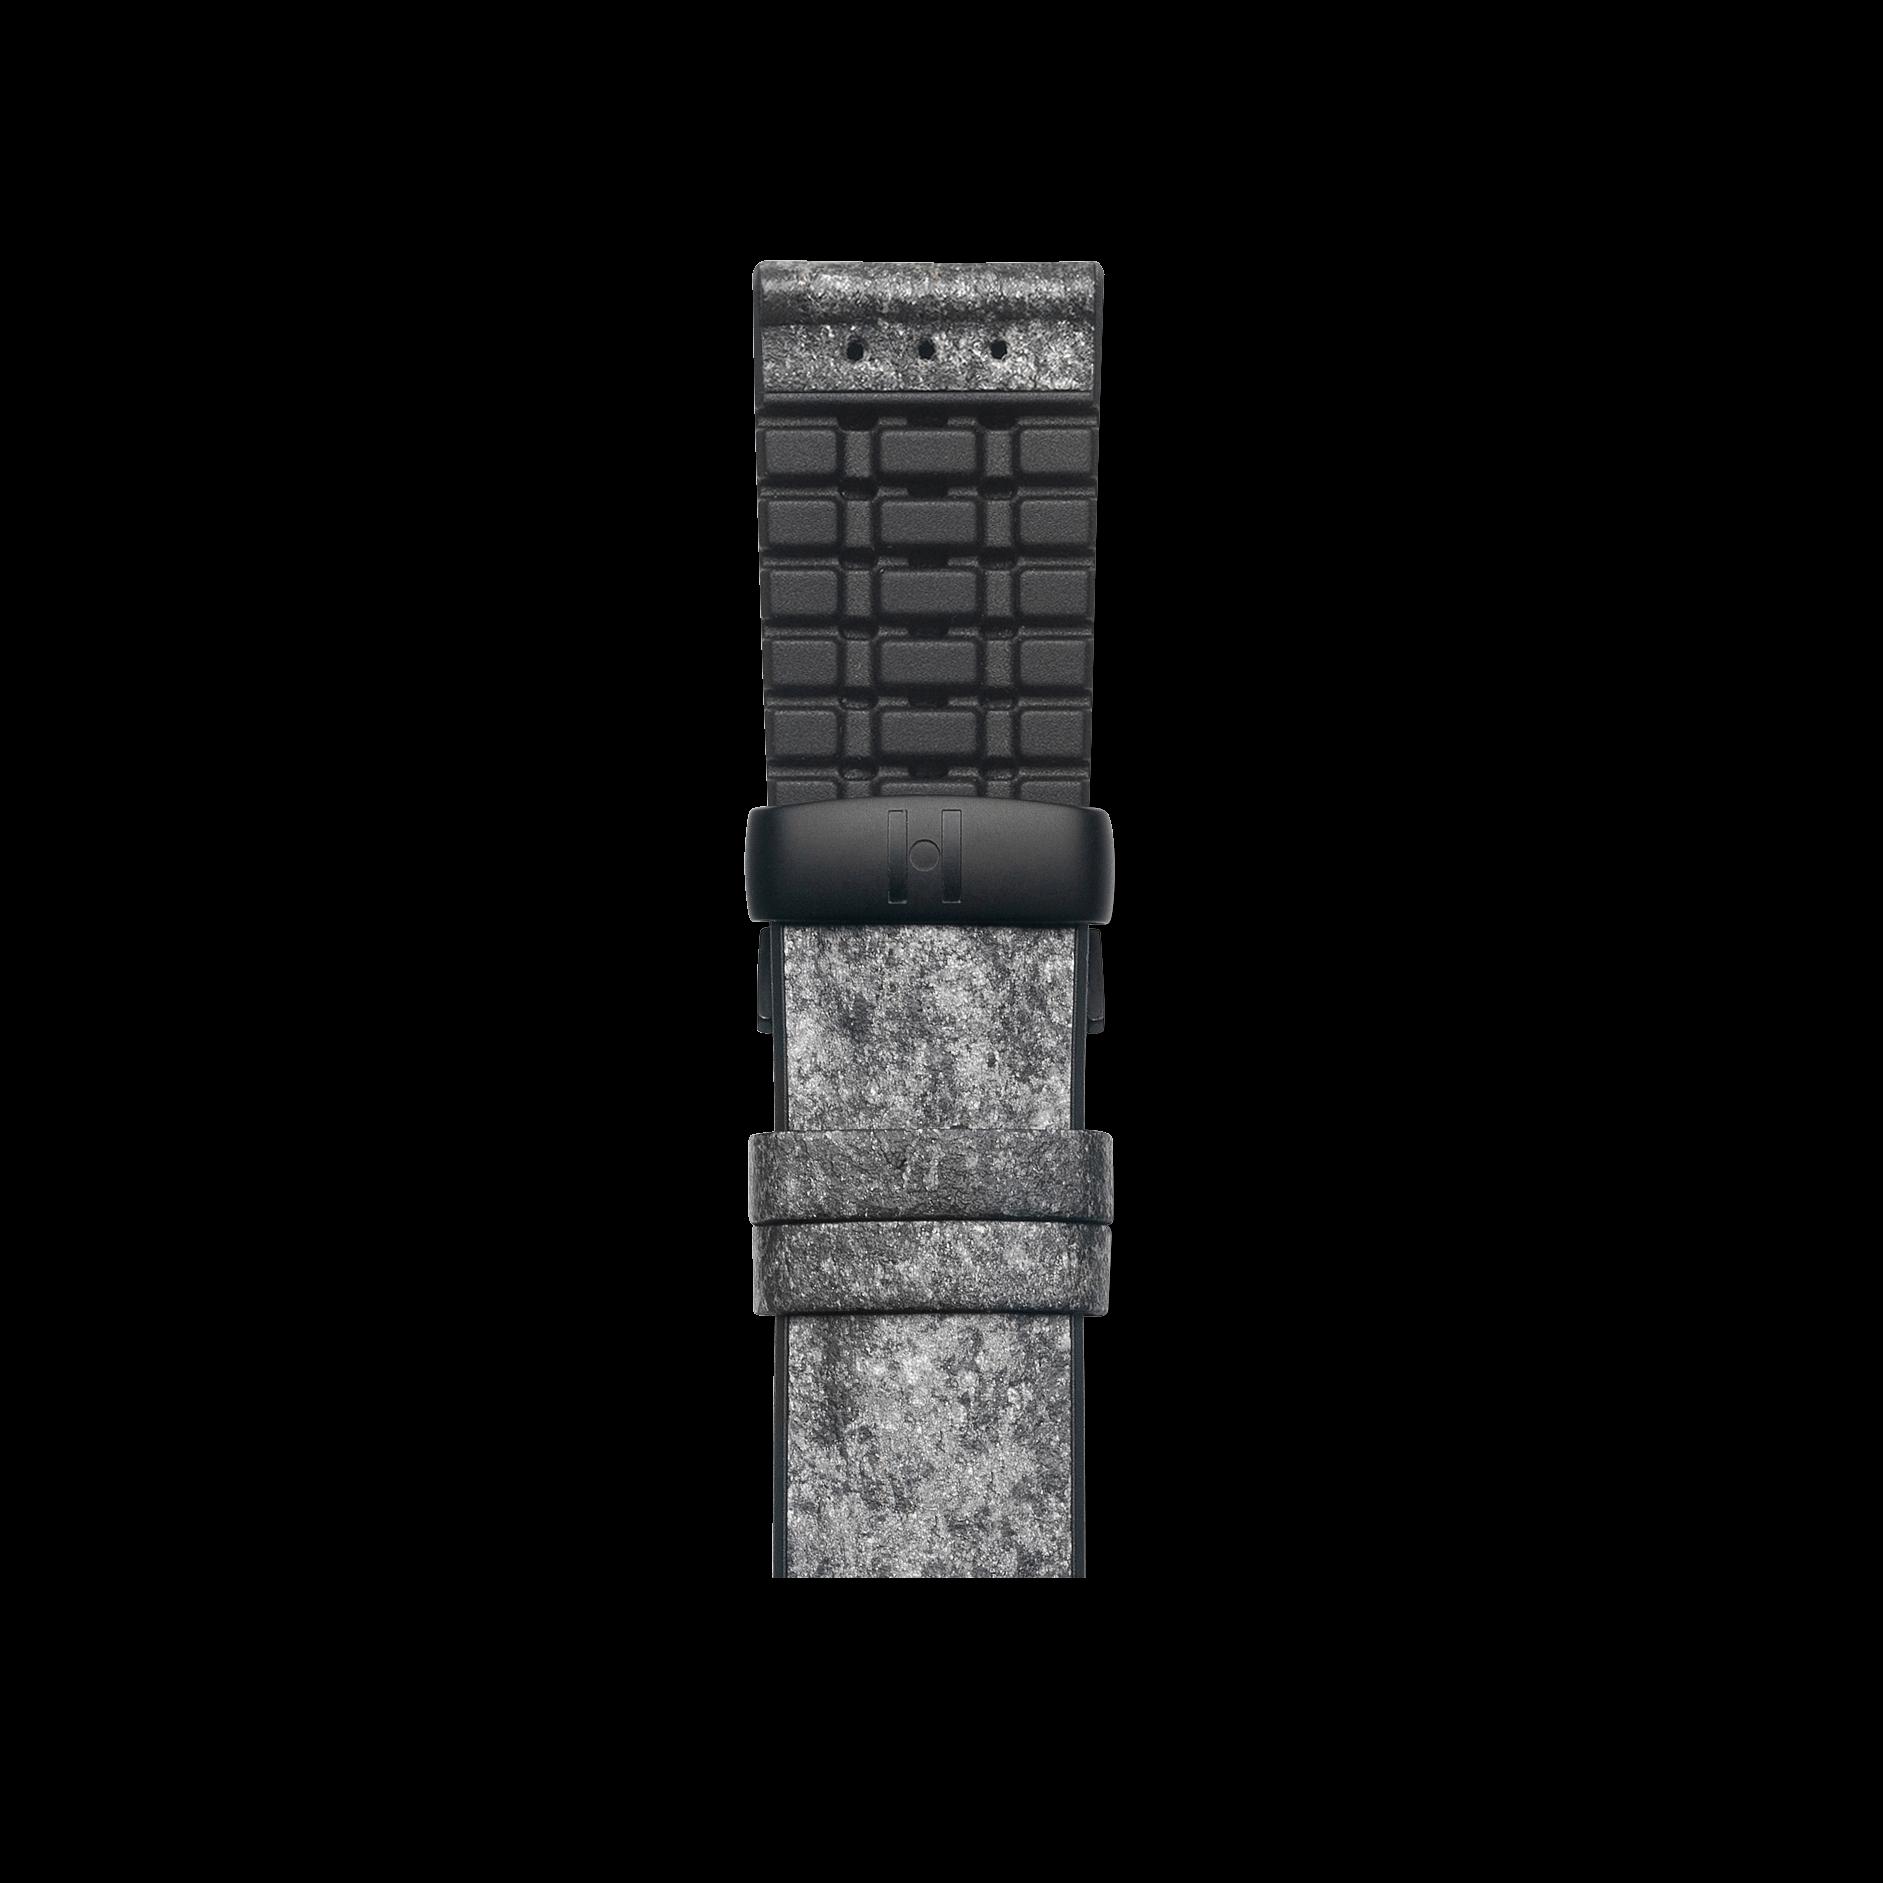 hirsch stone schwarz uhren armband kaufen brogle. Black Bedroom Furniture Sets. Home Design Ideas